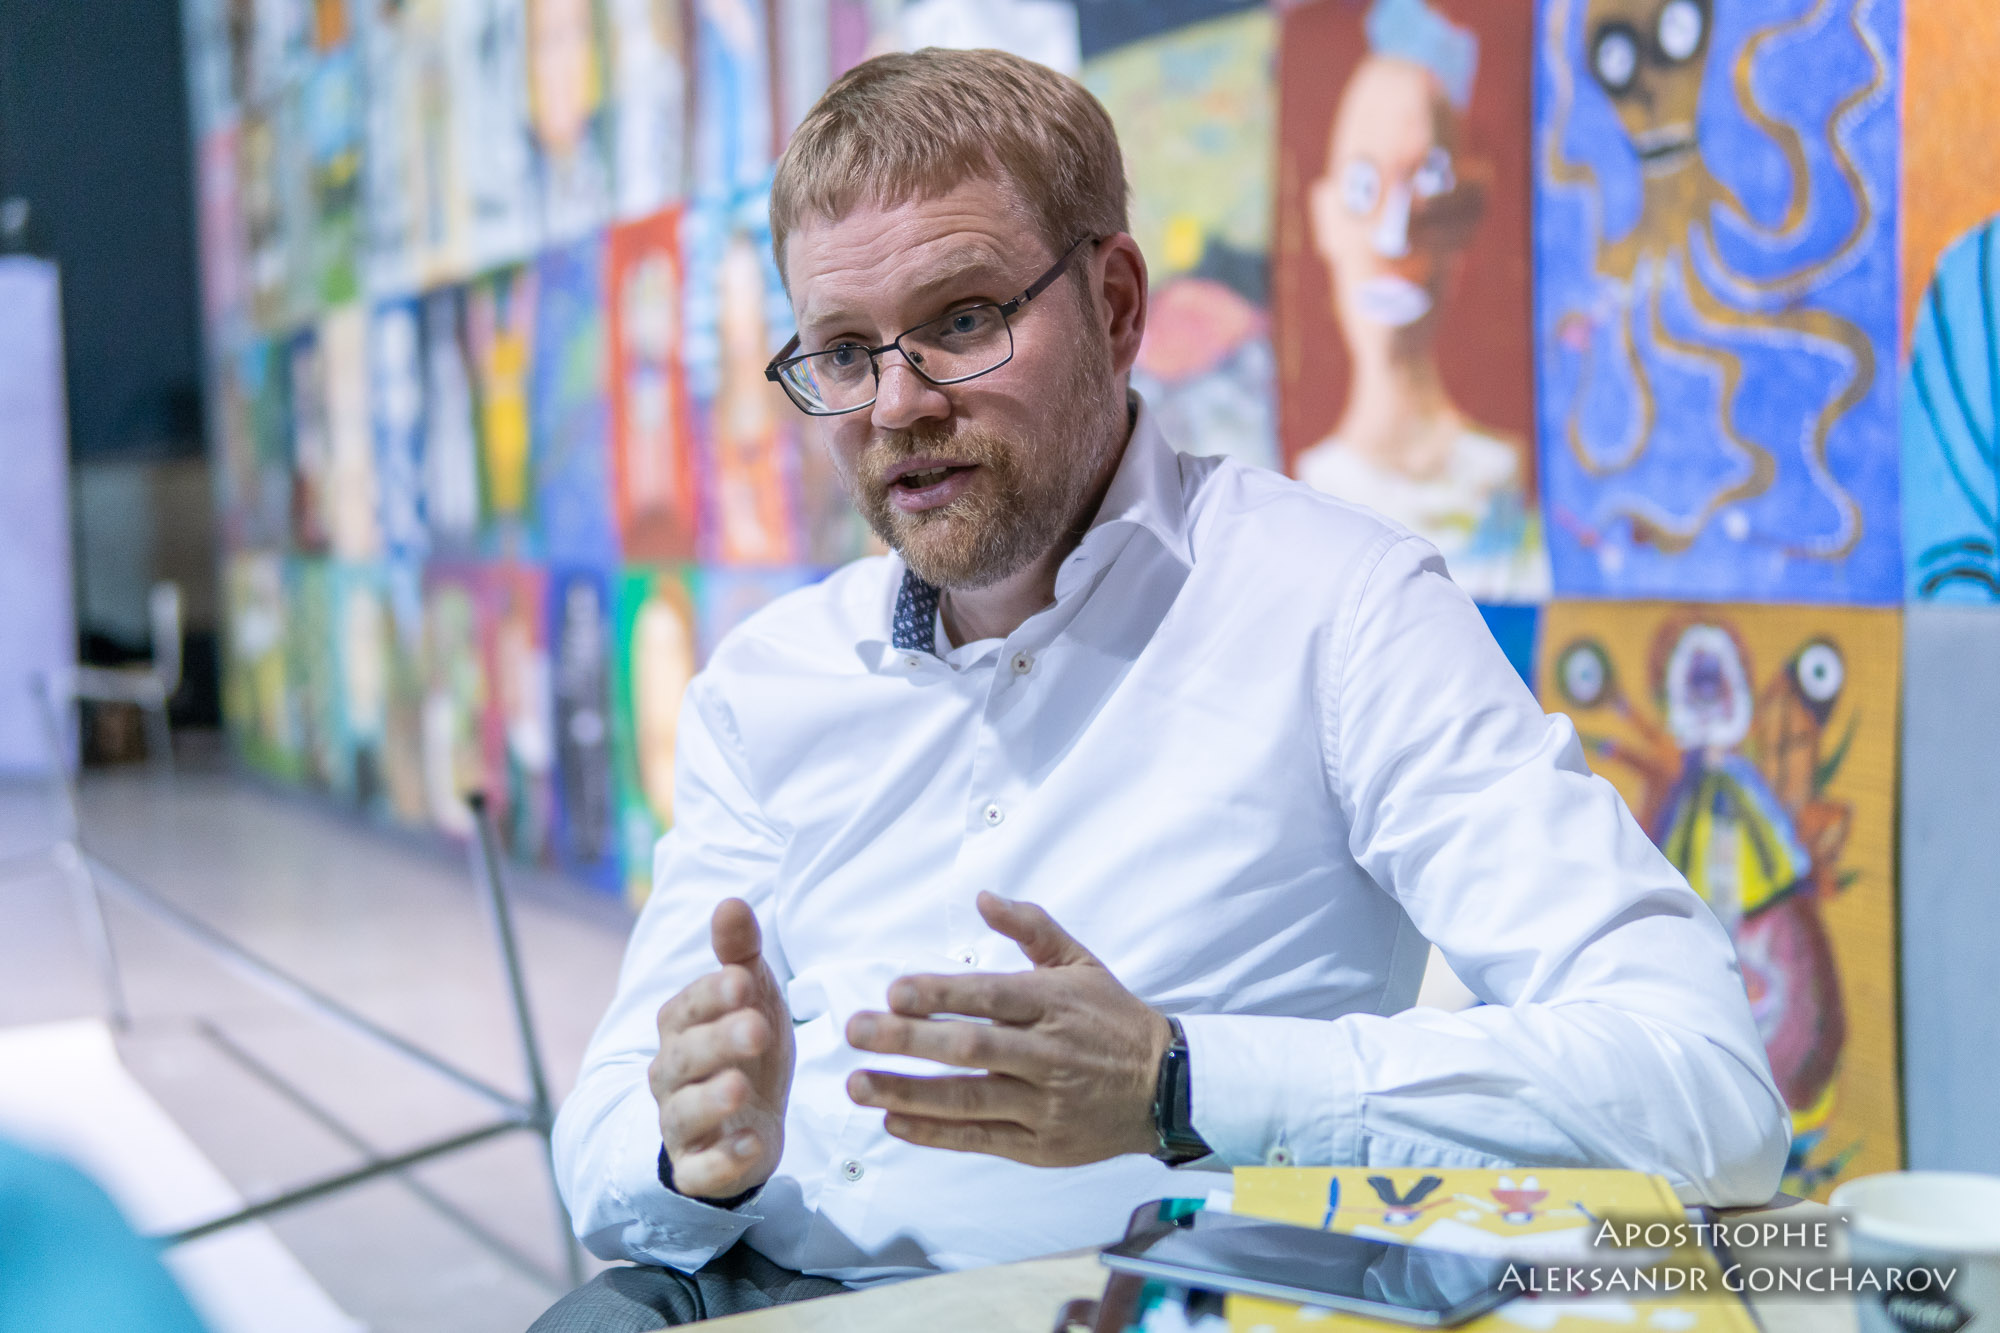 Посол Швеции о России, реформах и том, что его больше всего впечатлило в Украине